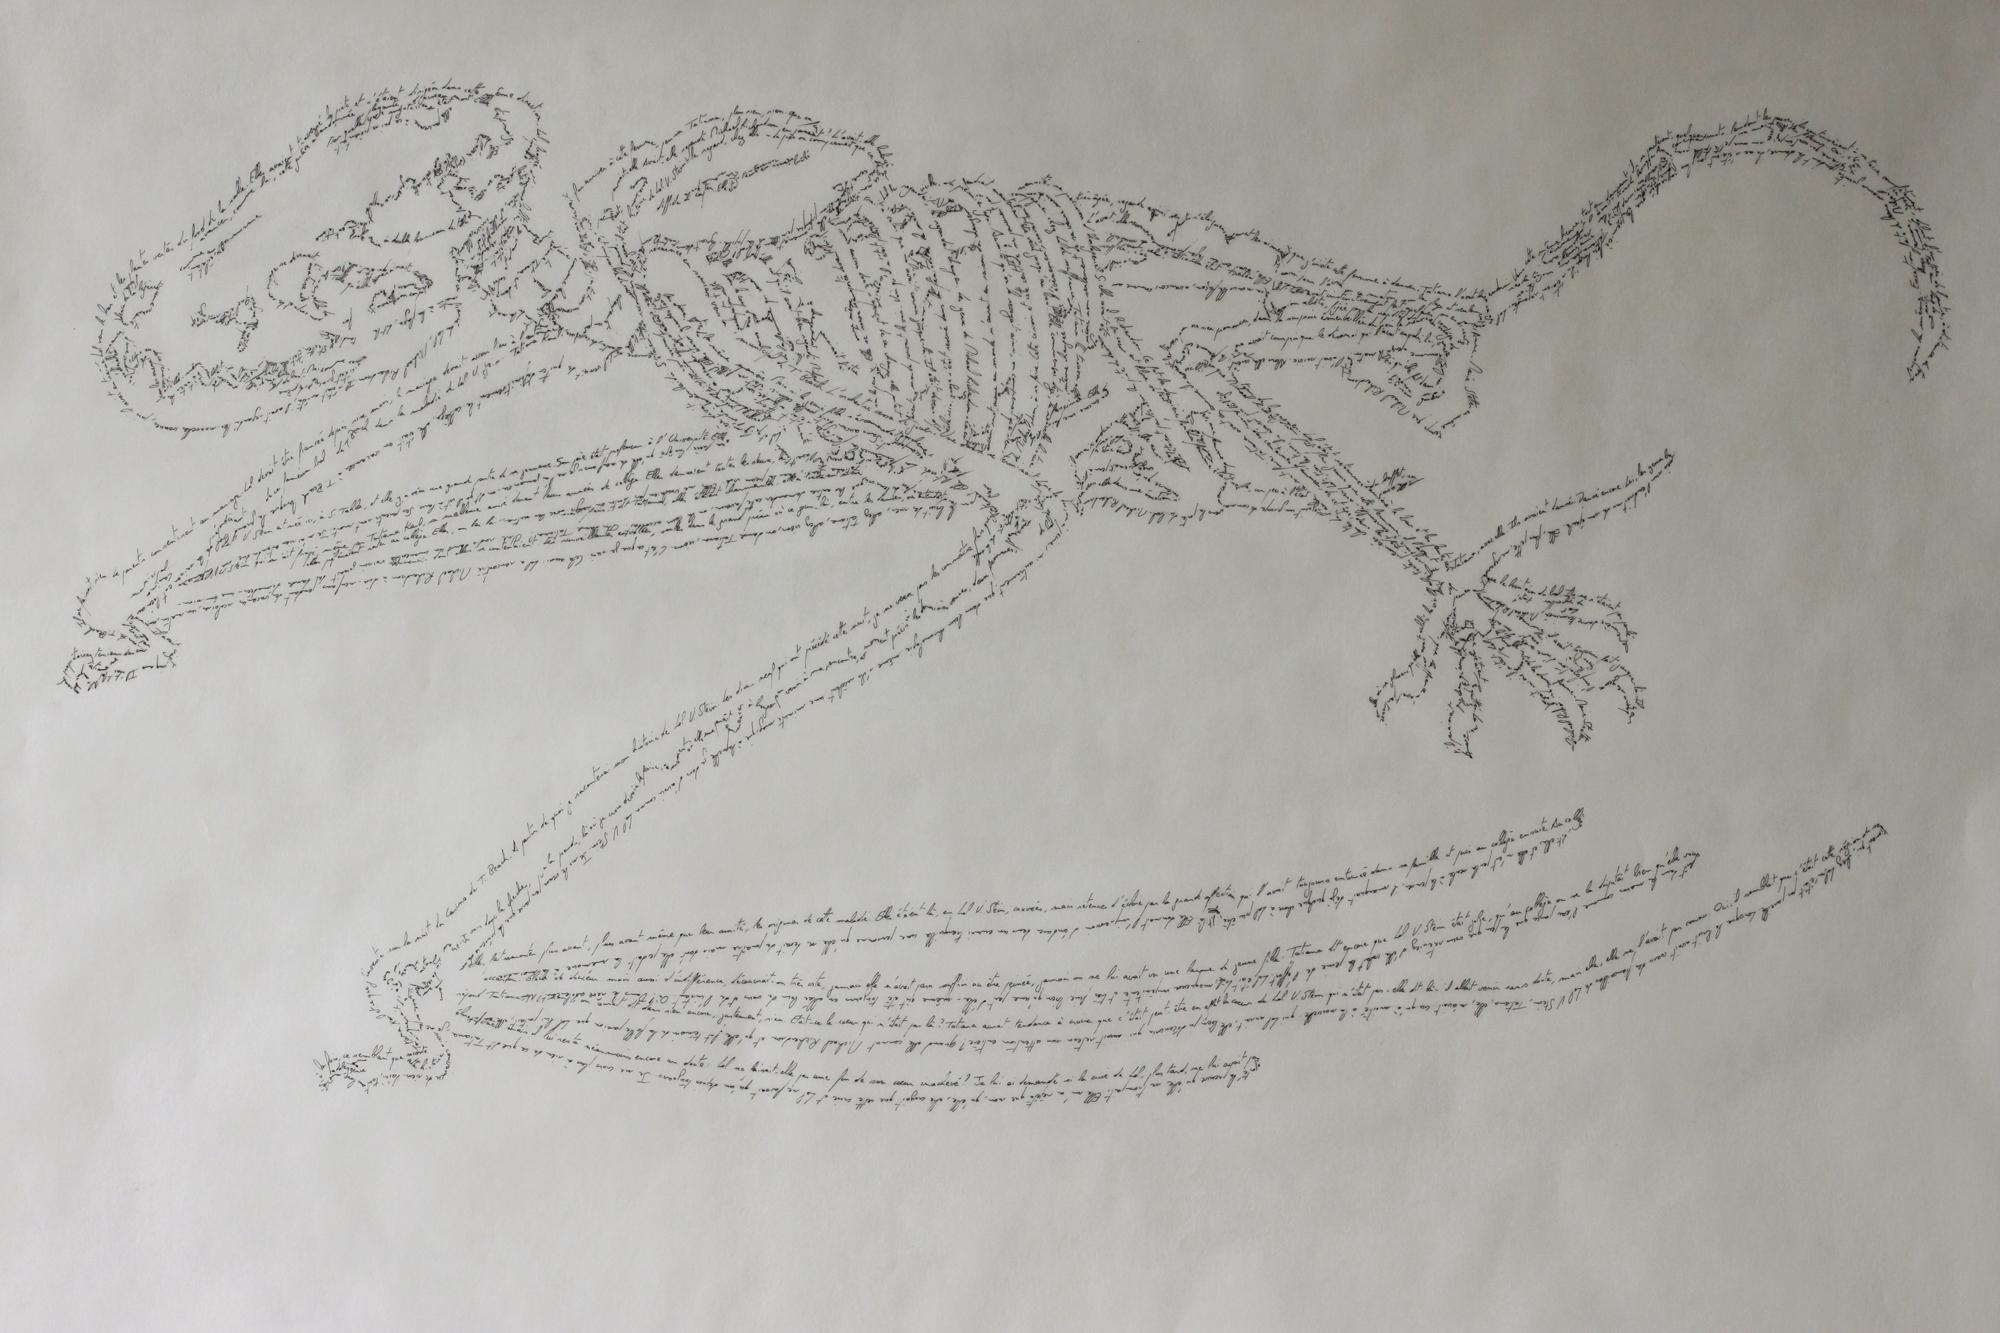 Lol V.Stein Duras, Marc Molk, 2015, calligramm, indian ink on paper, 19,7 x 27,5 in